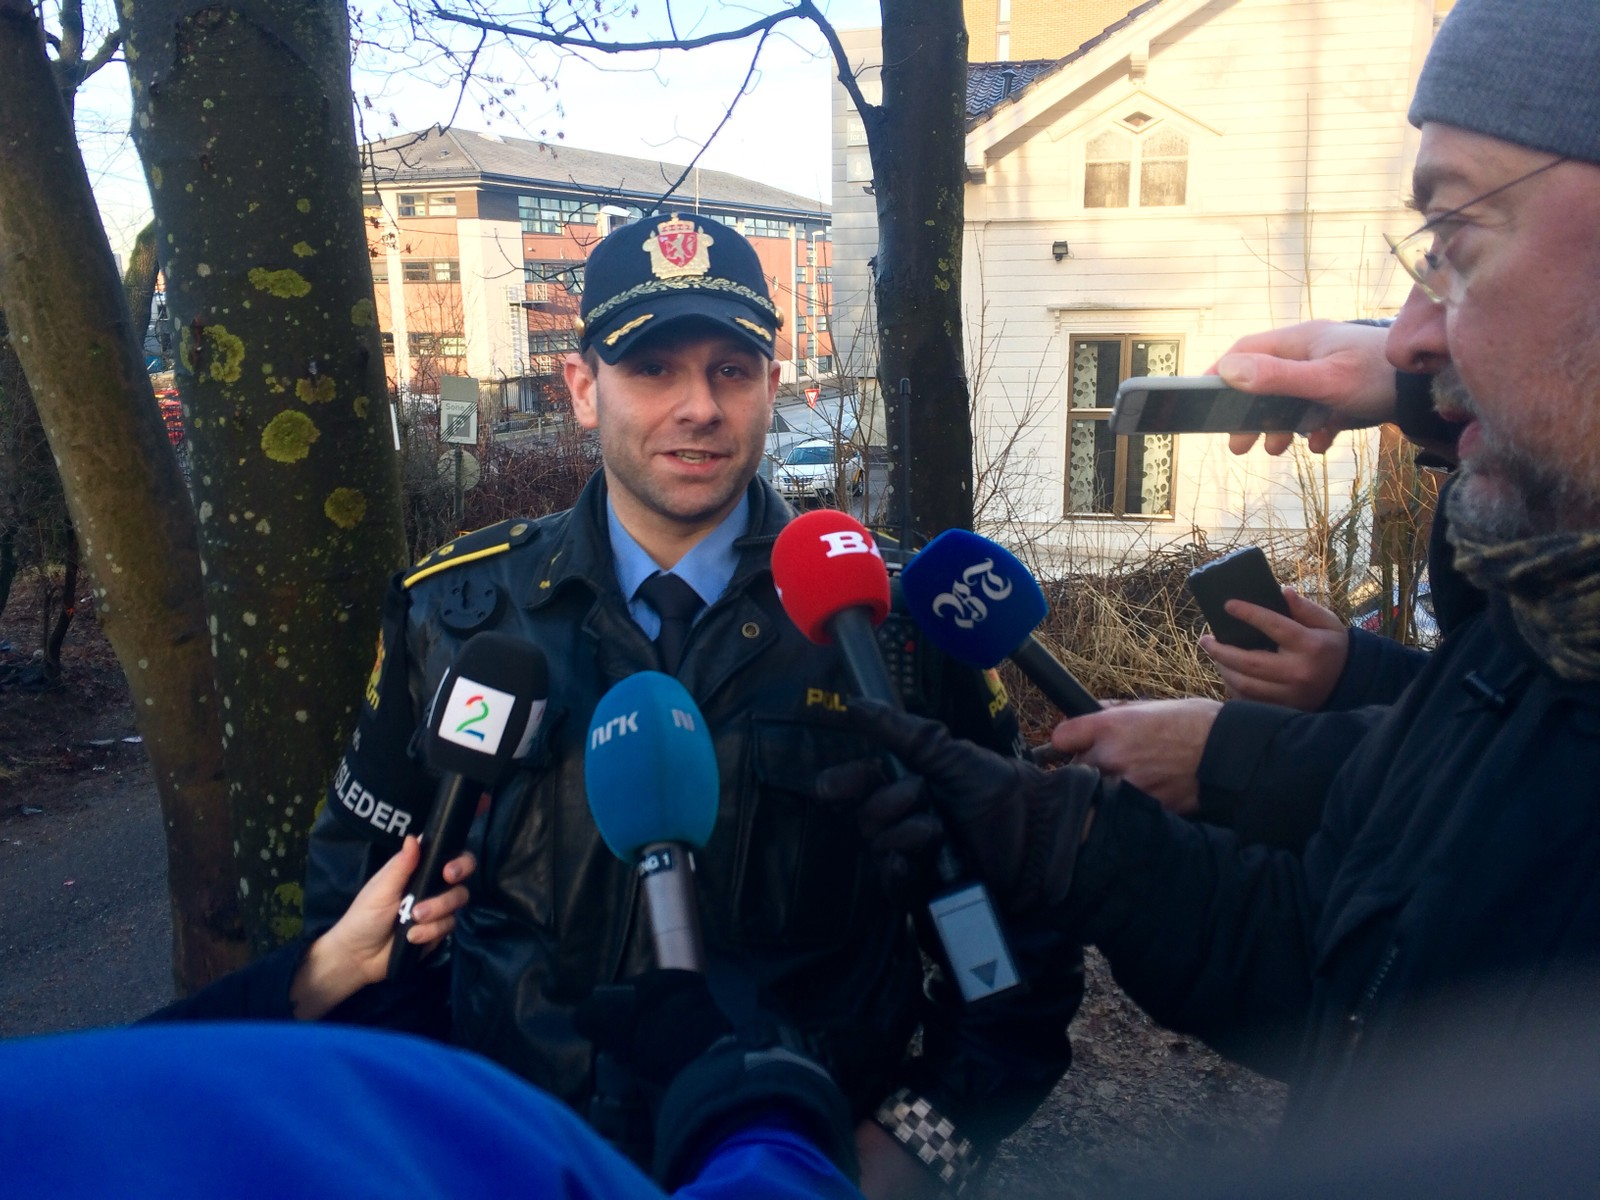 Medieoppmøtet var stort i Jekteviken i dag. Her er det innsatsleder John Endre Skeie som måtte svare på spørsmål fra pressekorpset.